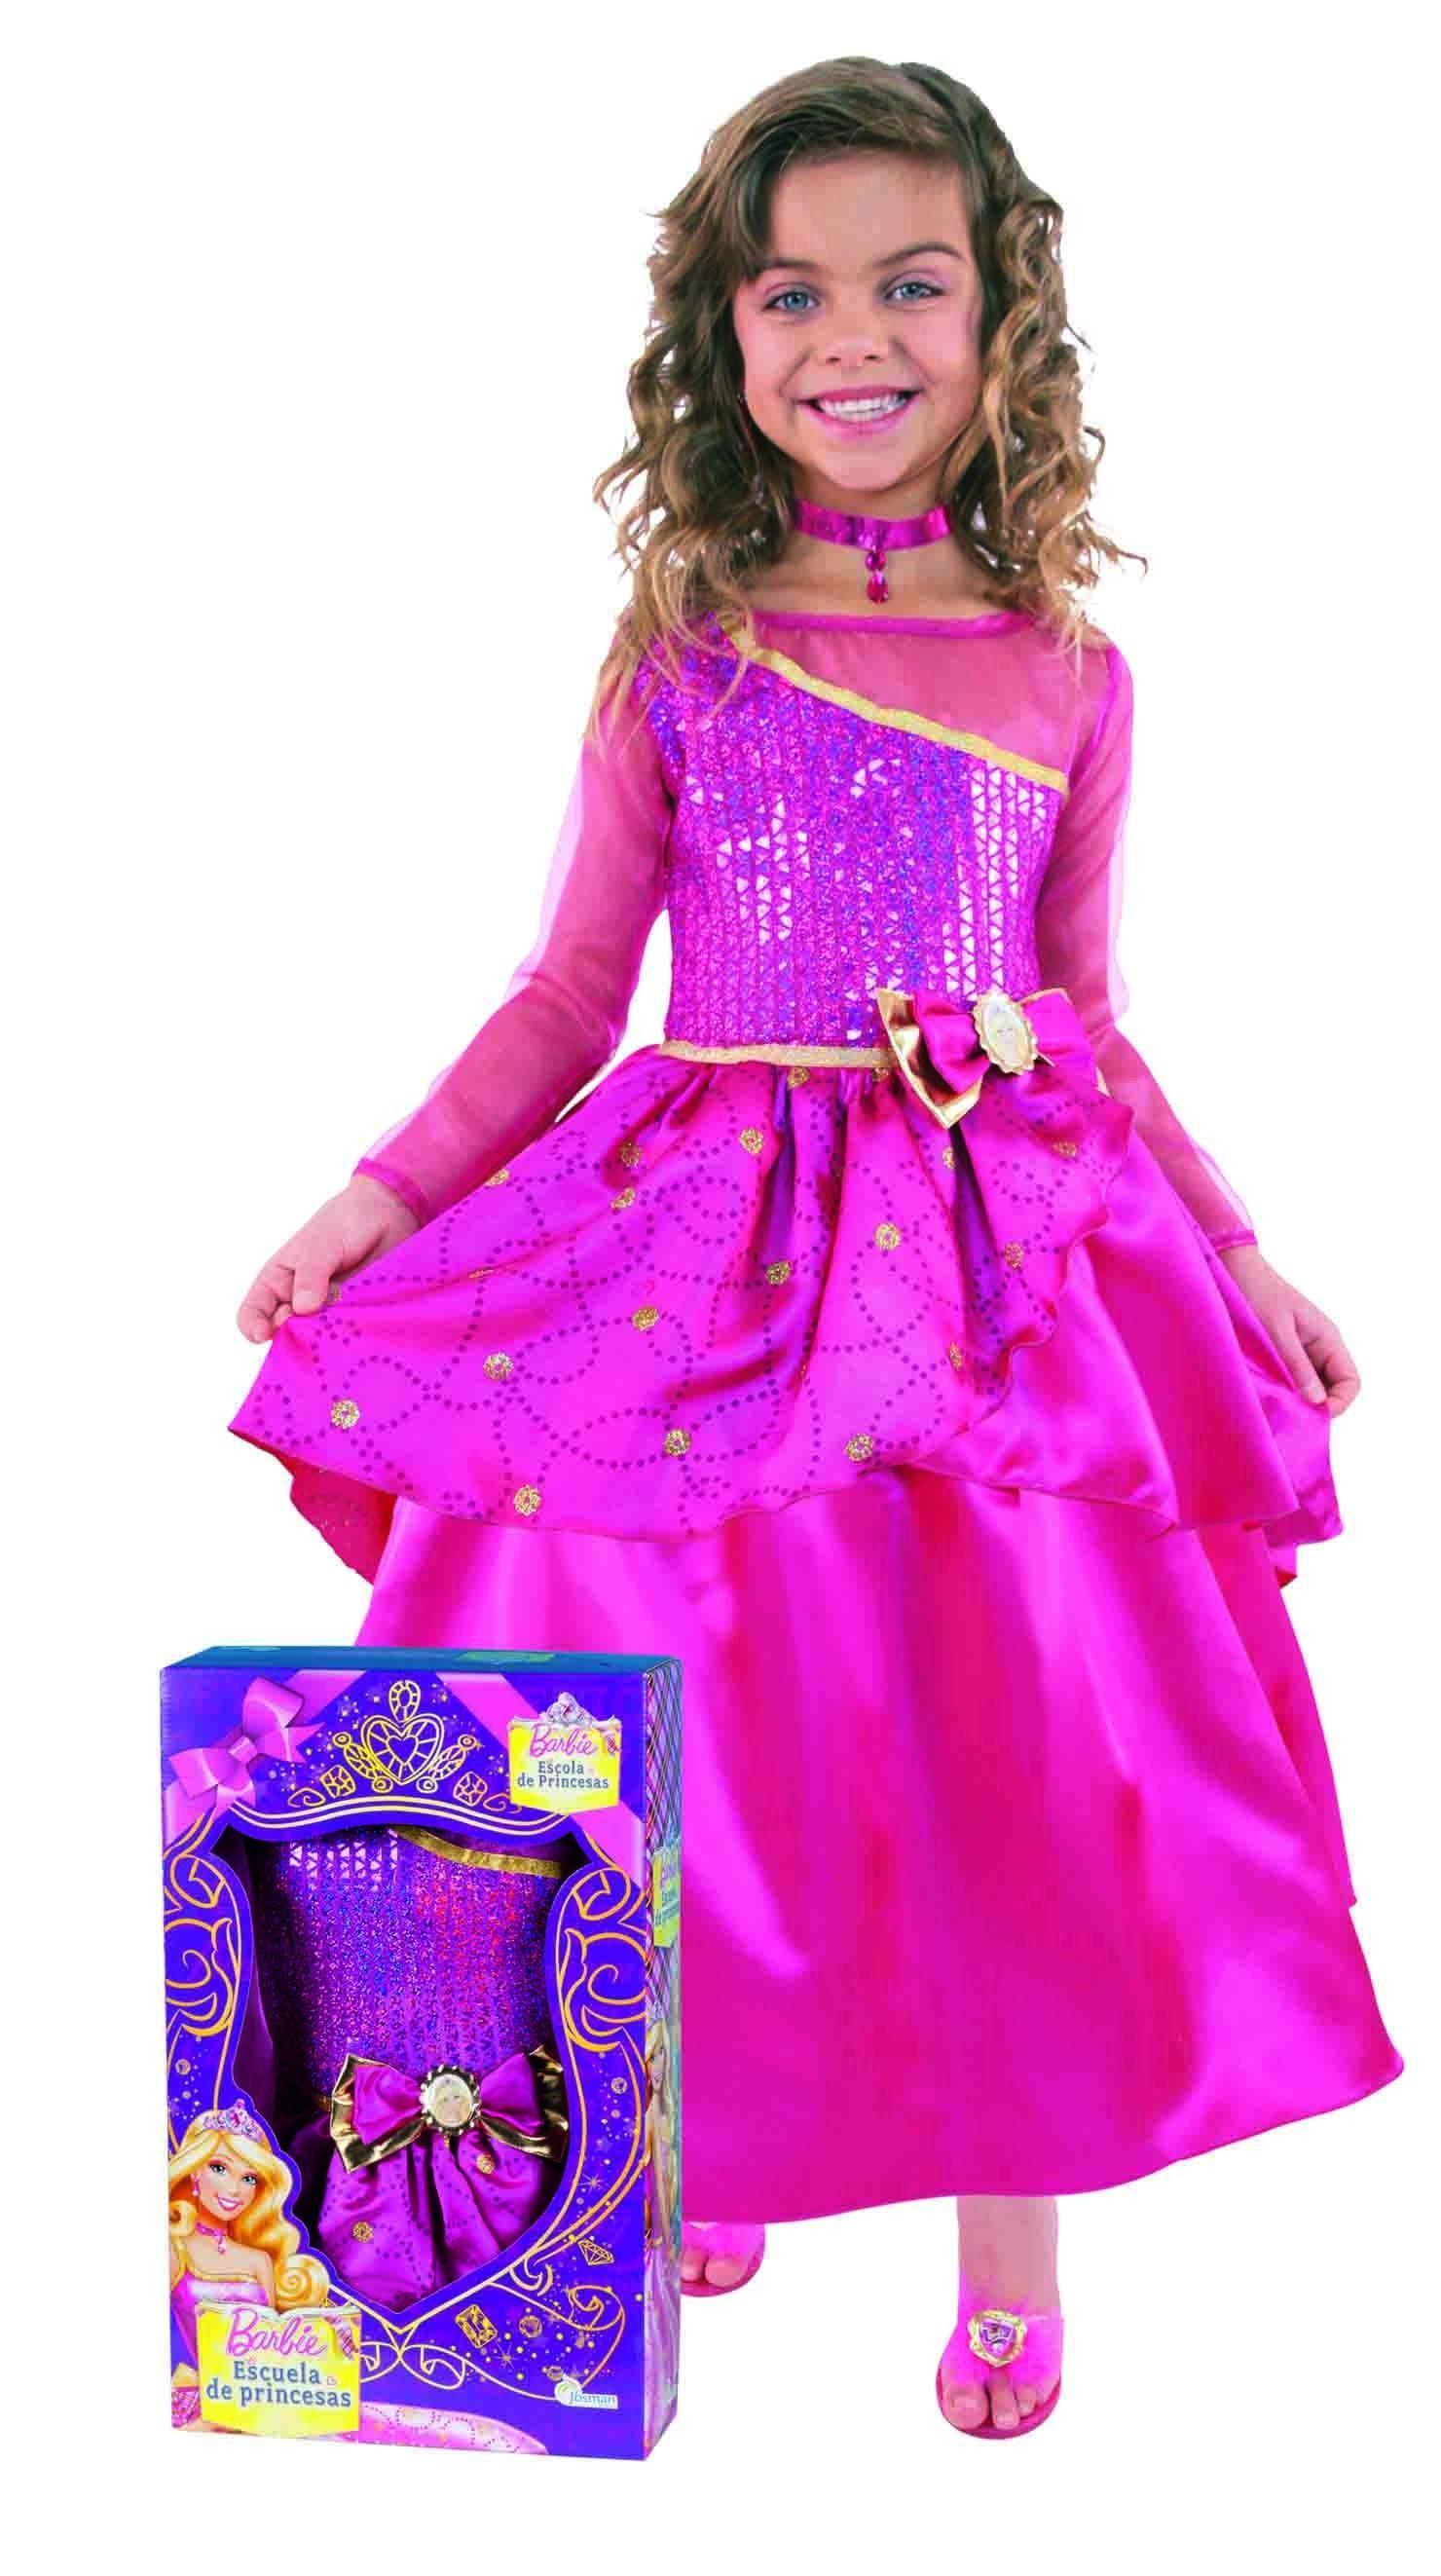 Disfraz Barbie Escuela Princesas para Niñas | Disfraces Originales